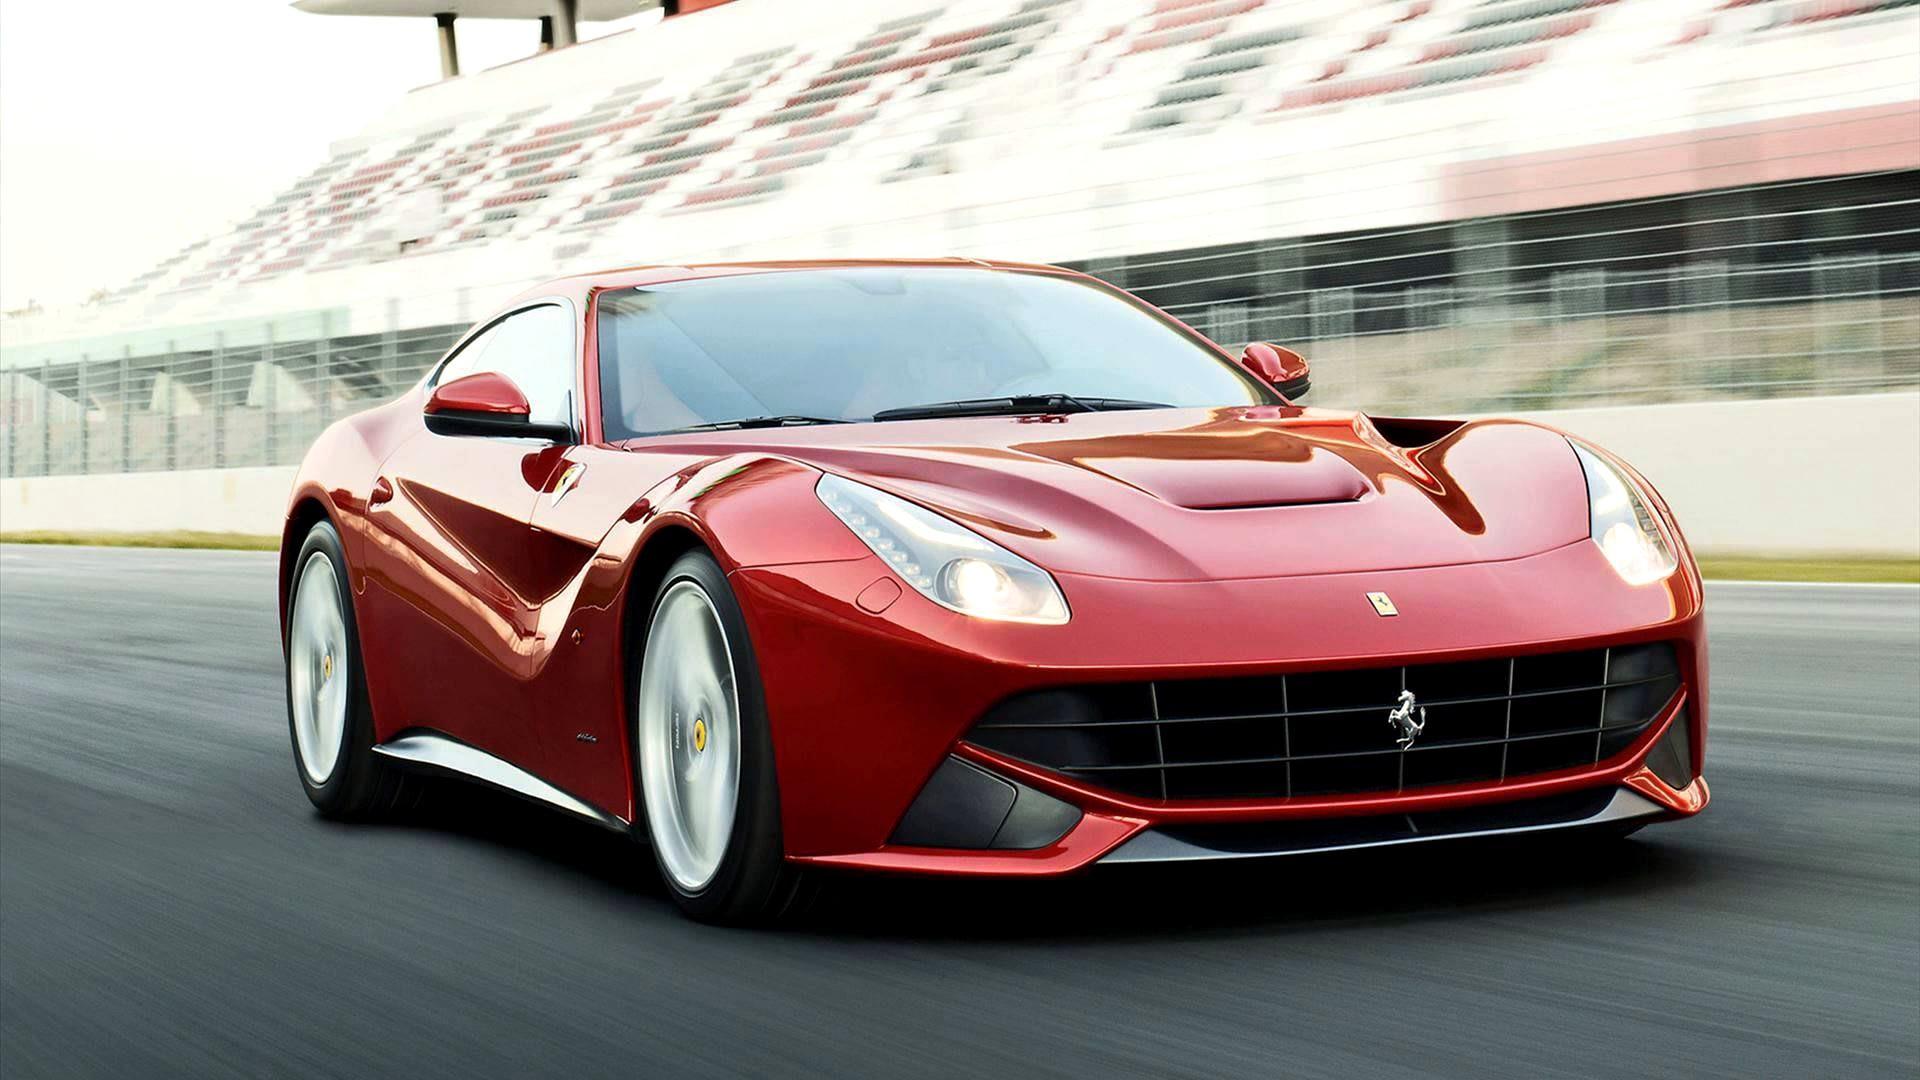 Ferrari F12 Berlinetta wallpapers HD quality